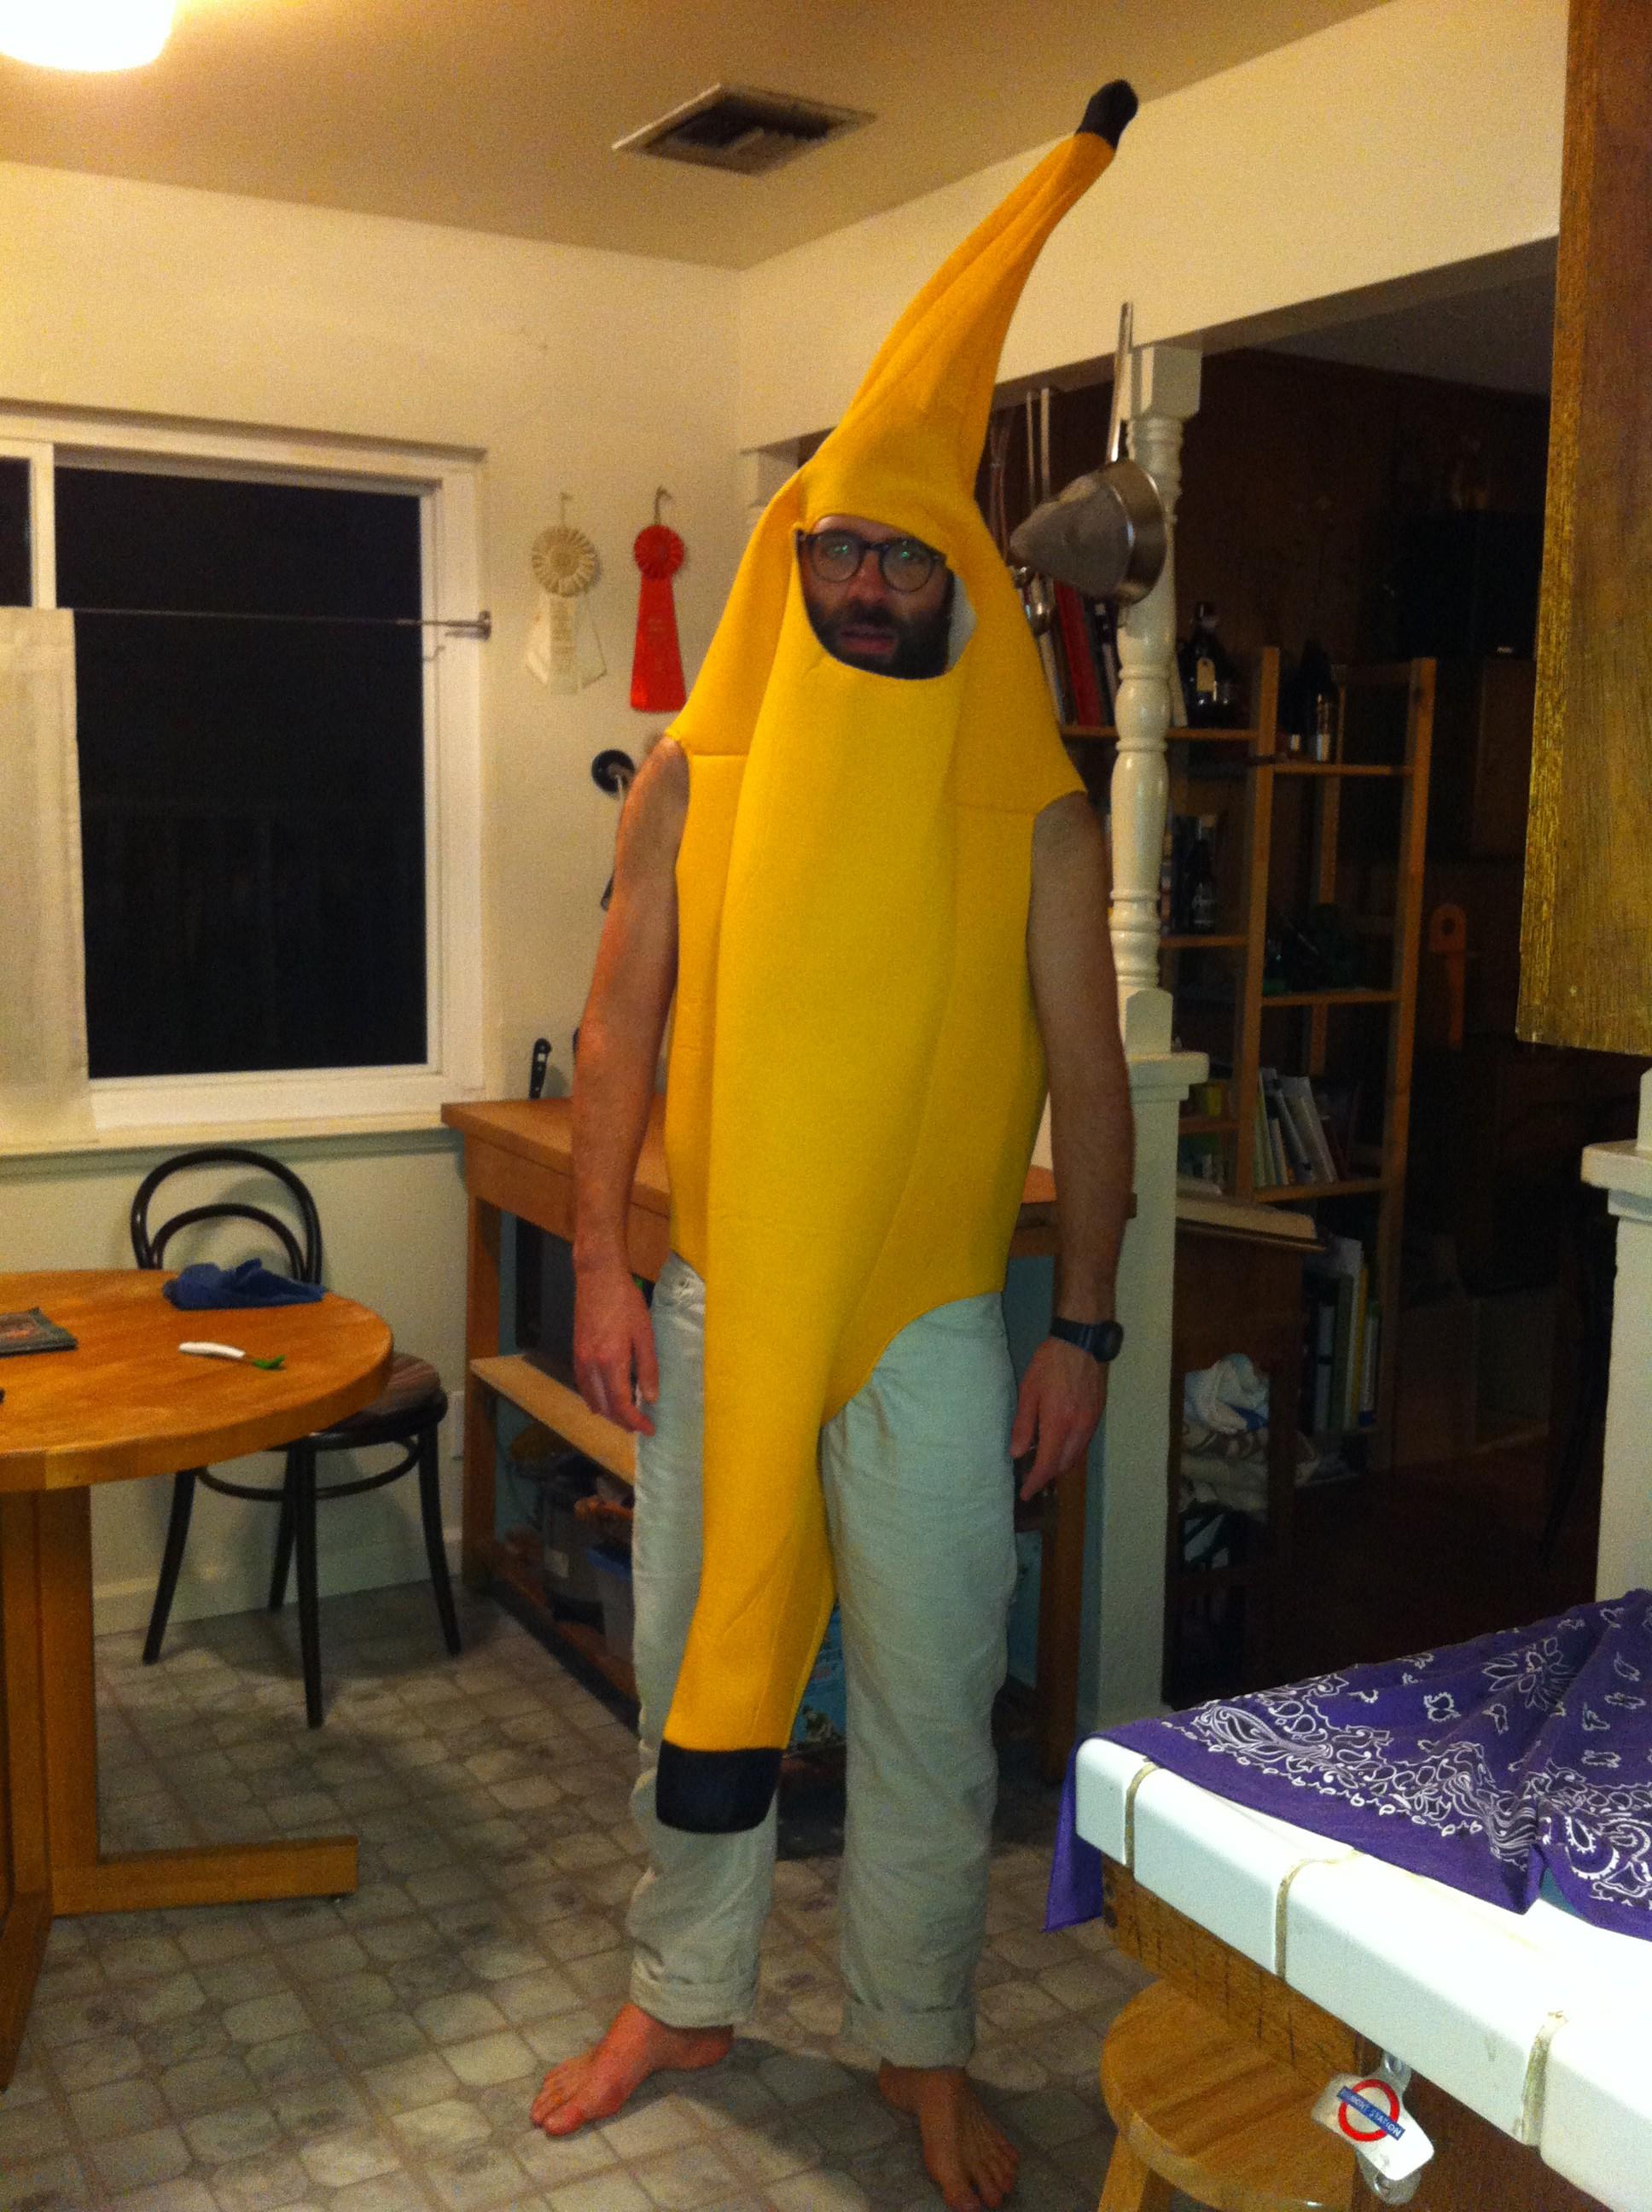 John banana